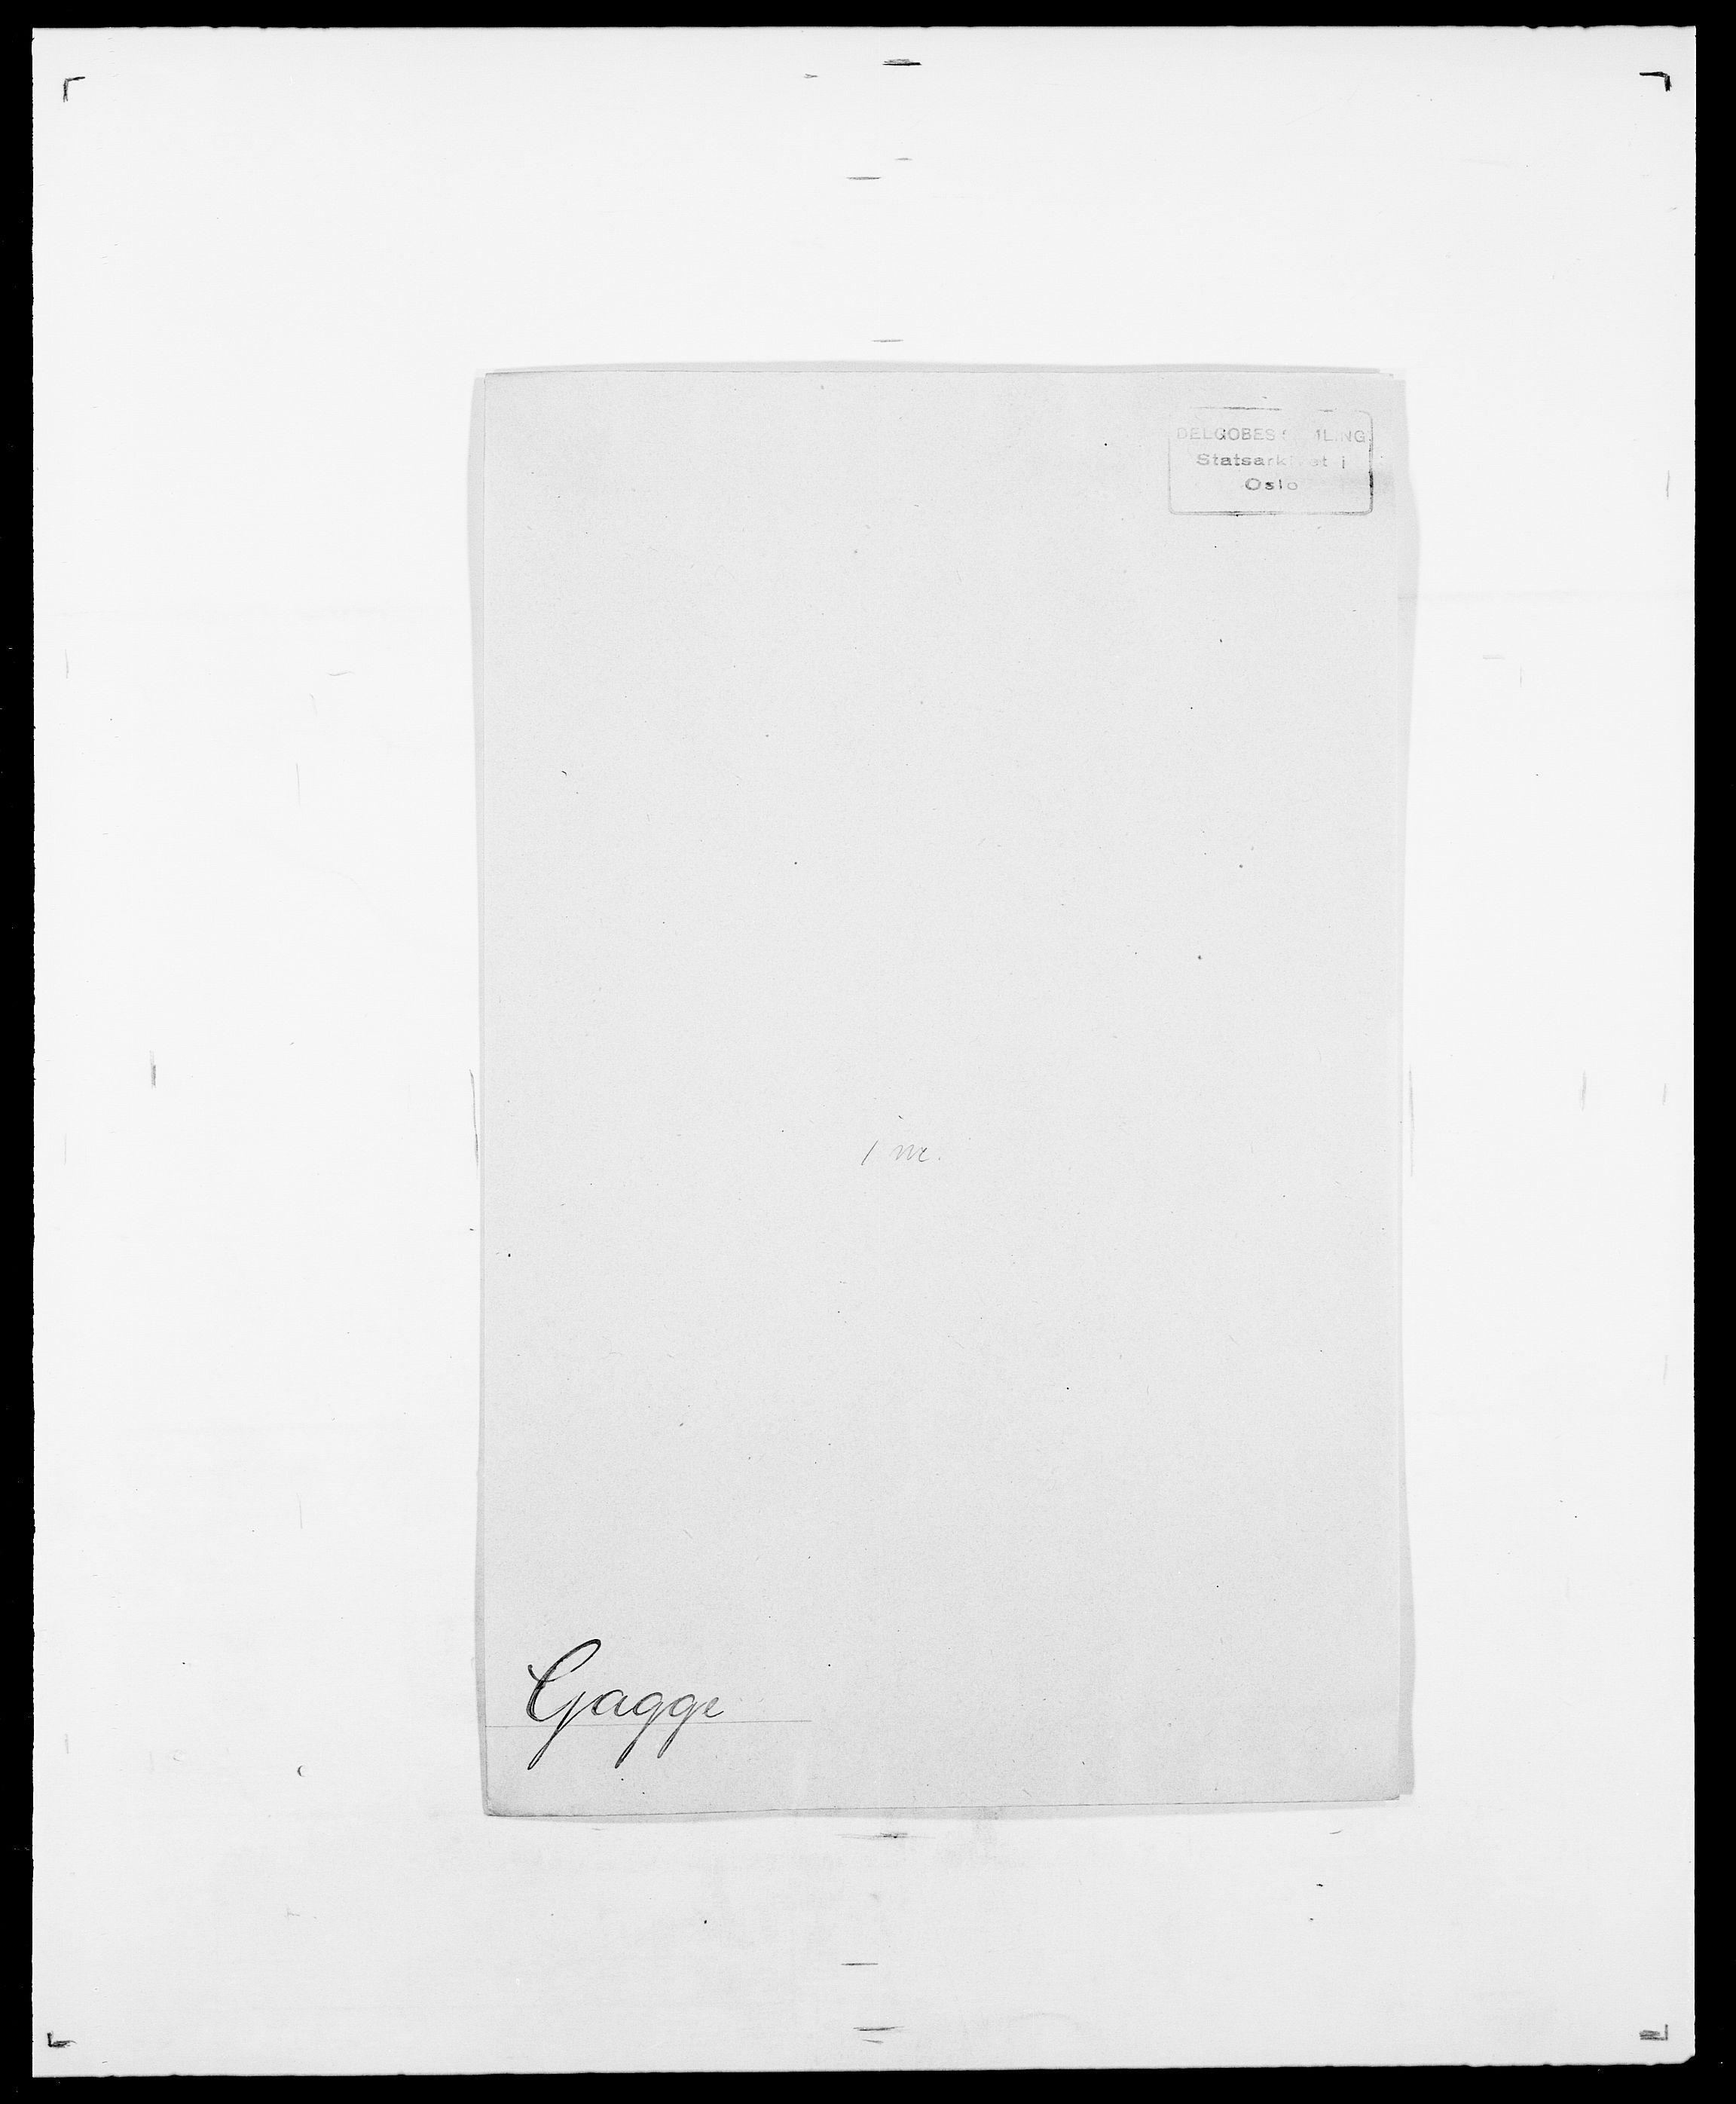 SAO, Delgobe, Charles Antoine - samling, D/Da/L0013: Forbos - Geving, s. 398